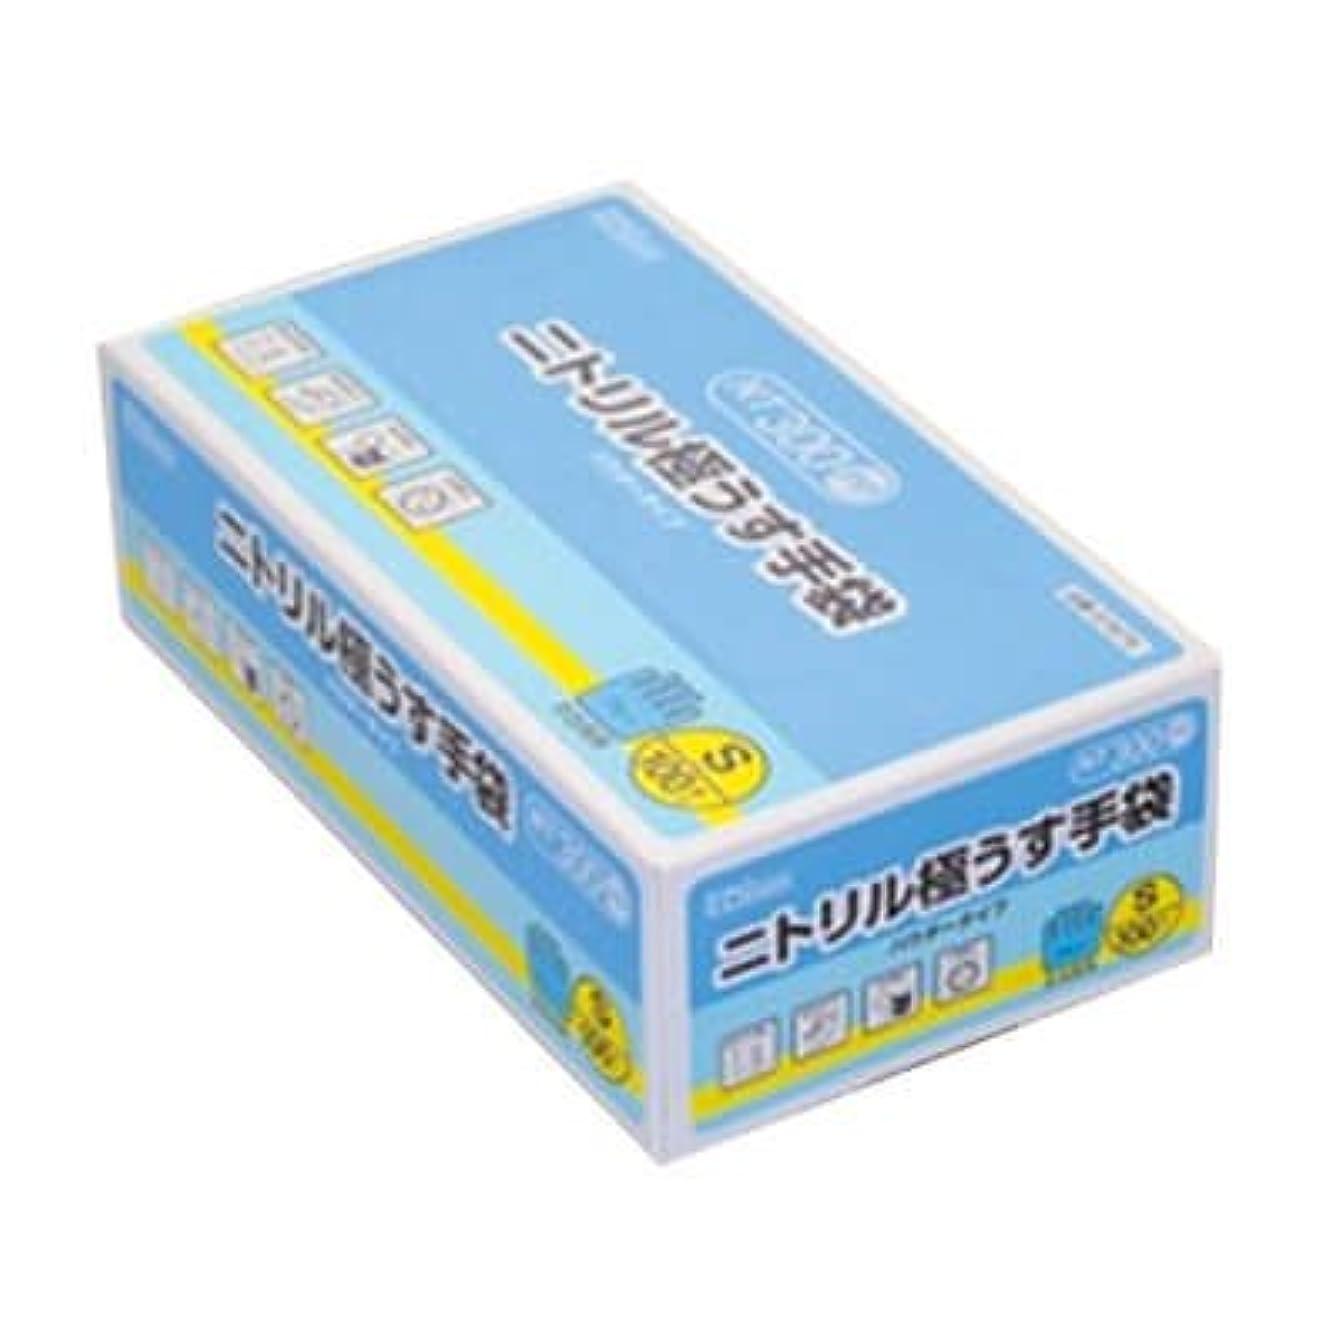 療法コショウコード【ケース販売】 ダンロップ ニトリル極うす手袋 粉付 S ブルー NT-300 (100枚入×20箱)